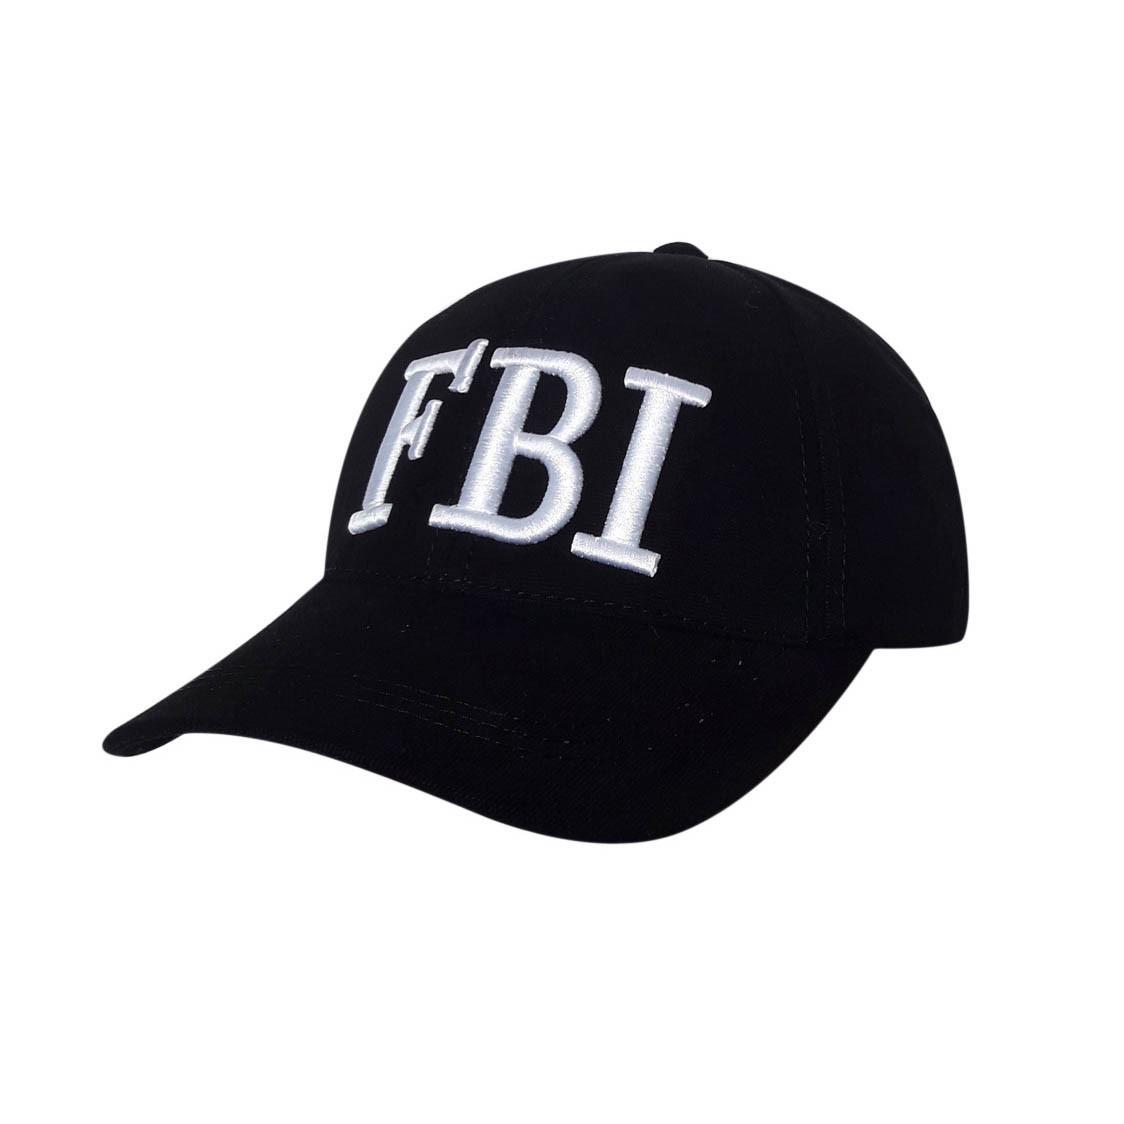 Мужская кепка FBI - №4887